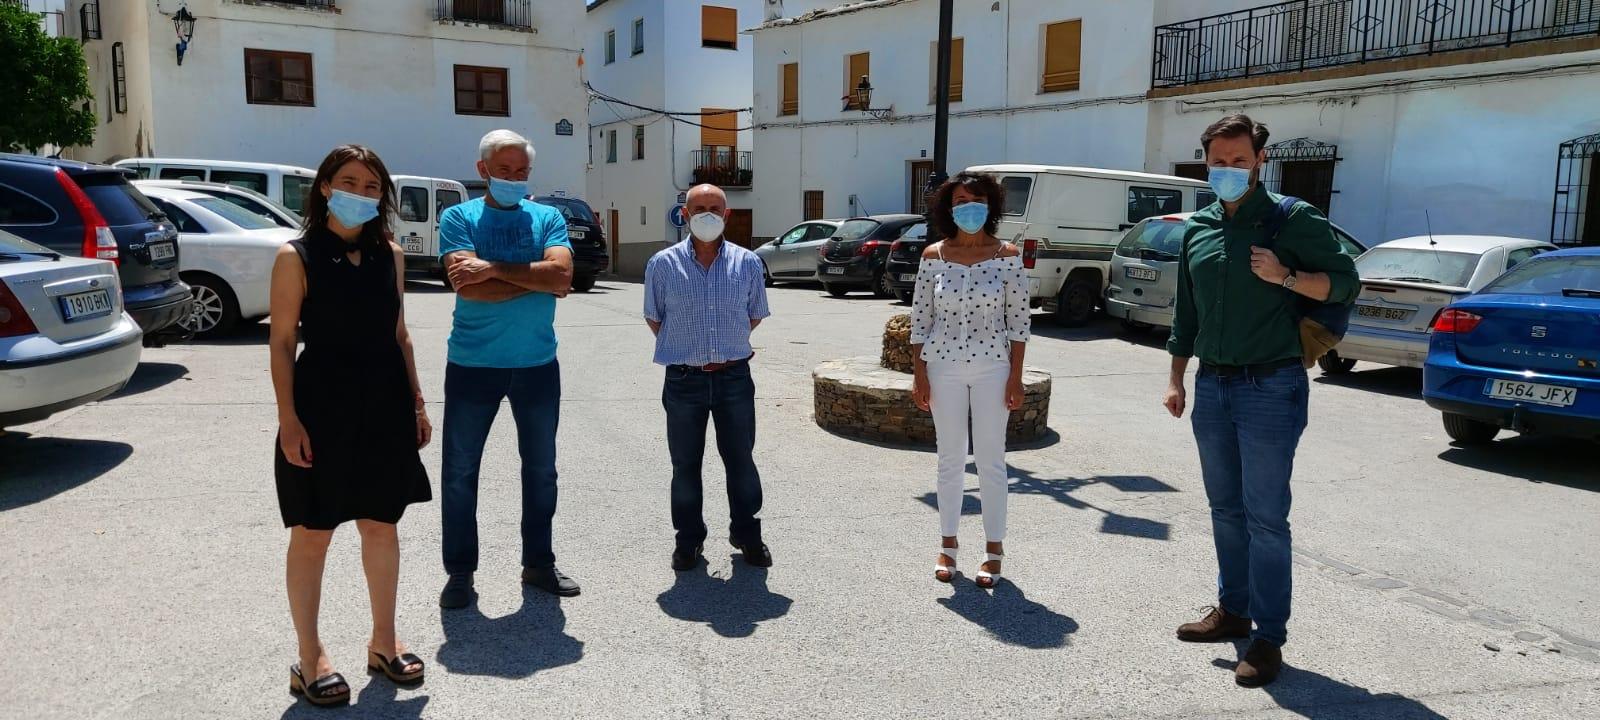 El PSOE pide a la Junta que transfiera de inmediato los fondos incondicionados que les corresponden a las ELAS